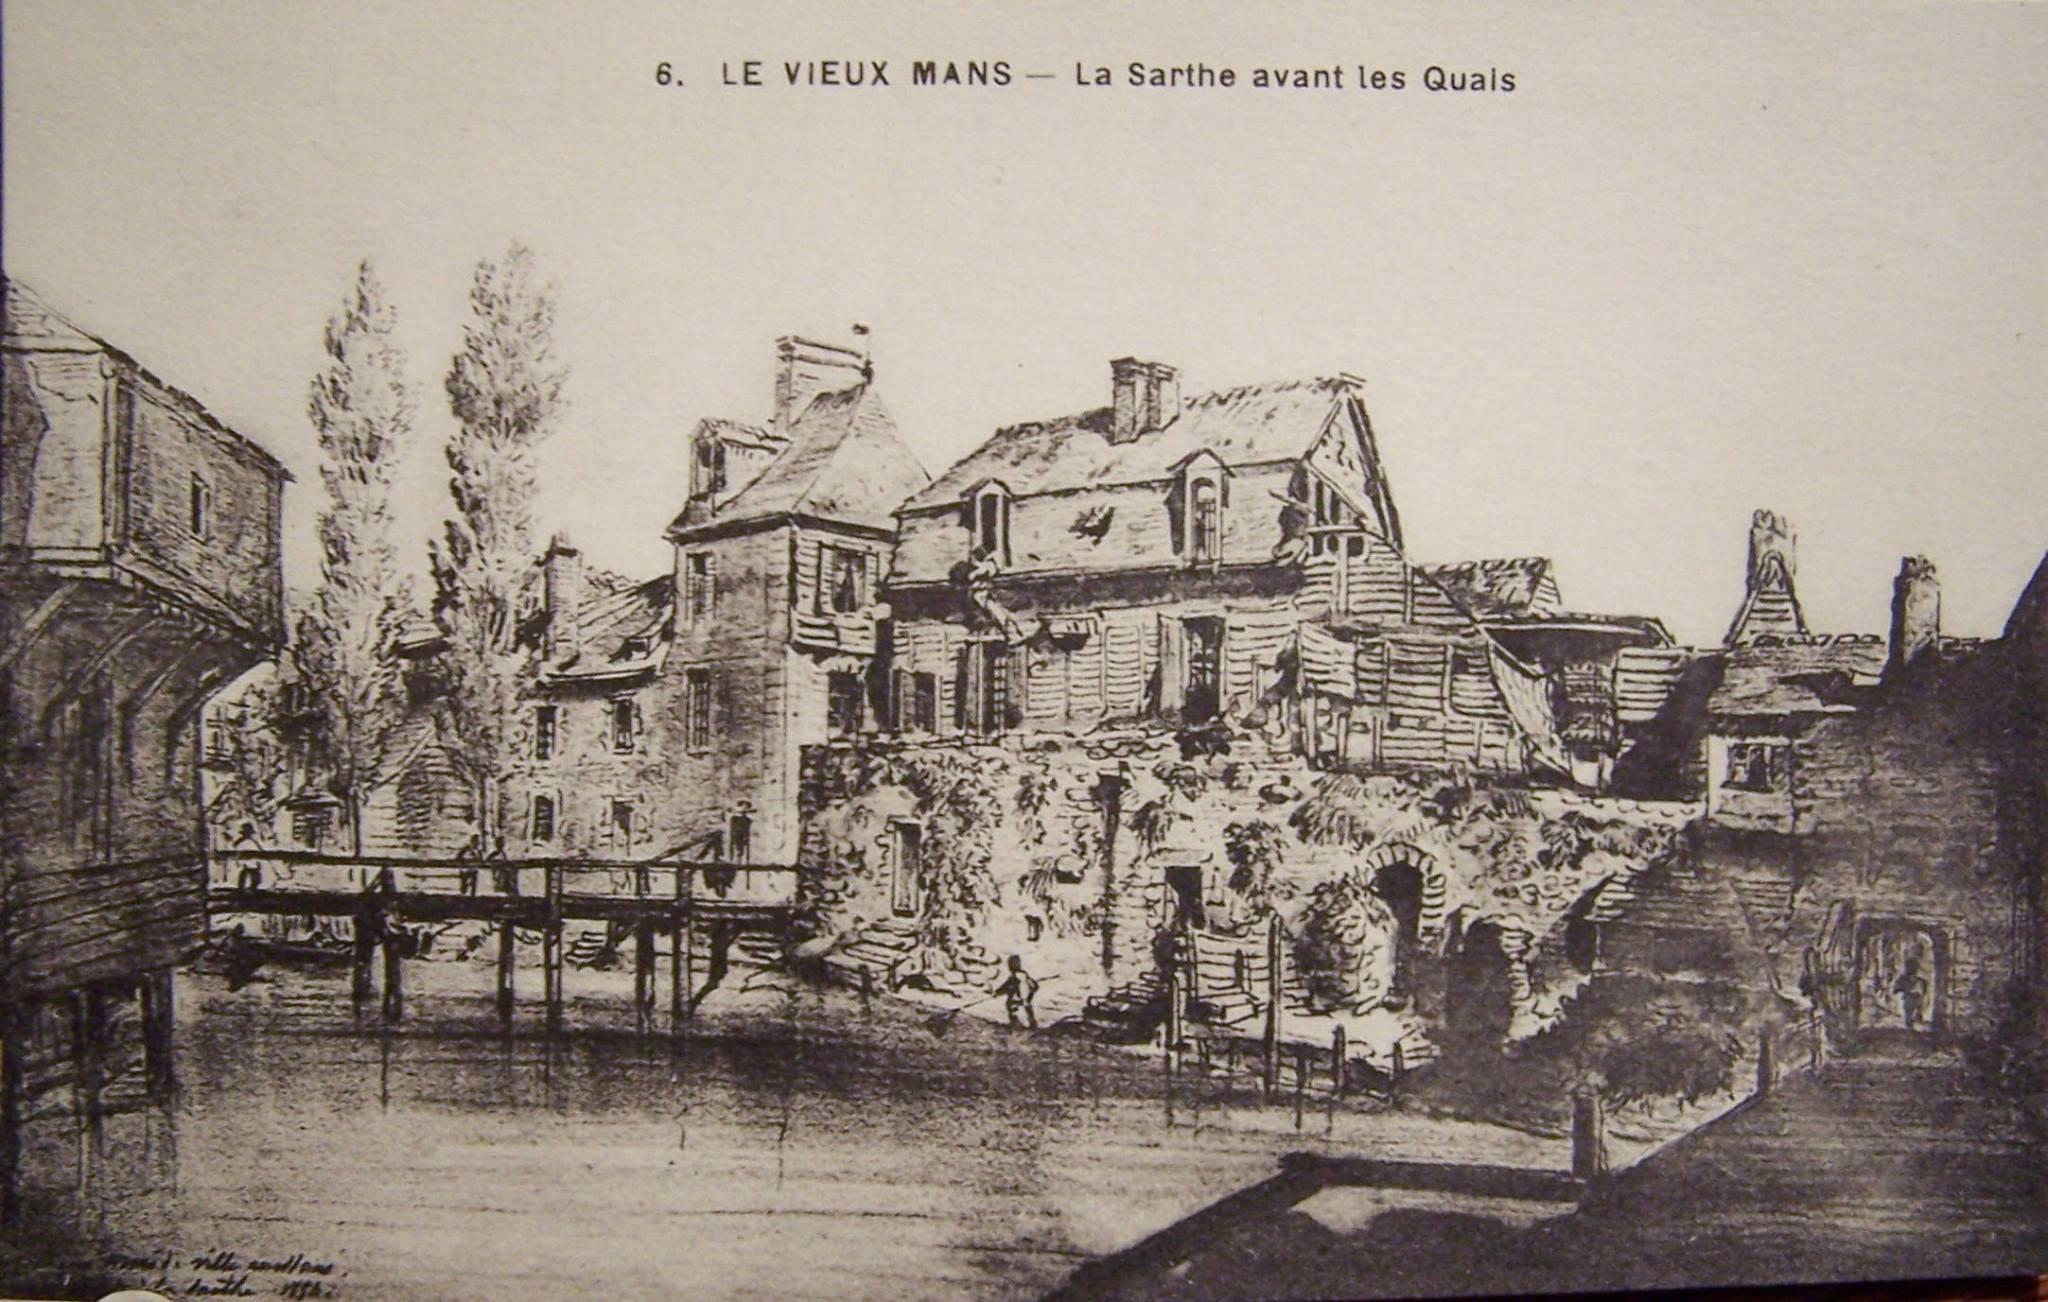 Le Vieux Mans - La Sarthe avant les Quais